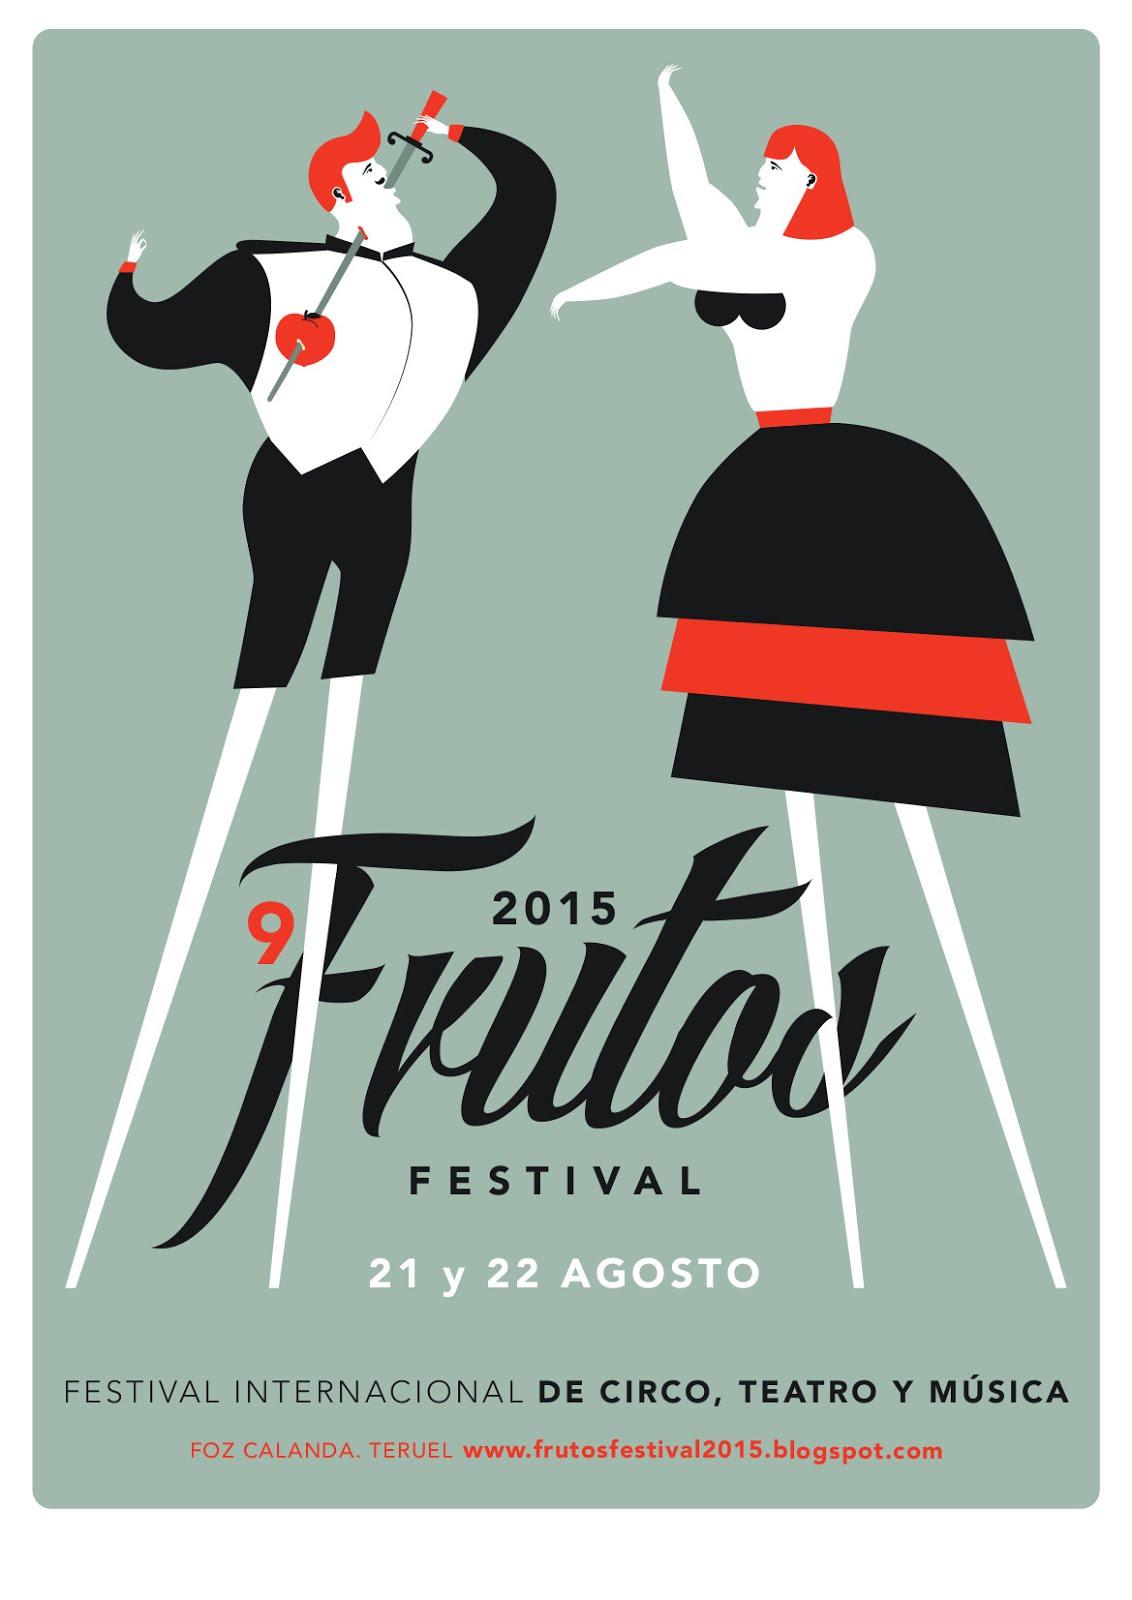 9 Frutos Festivalito